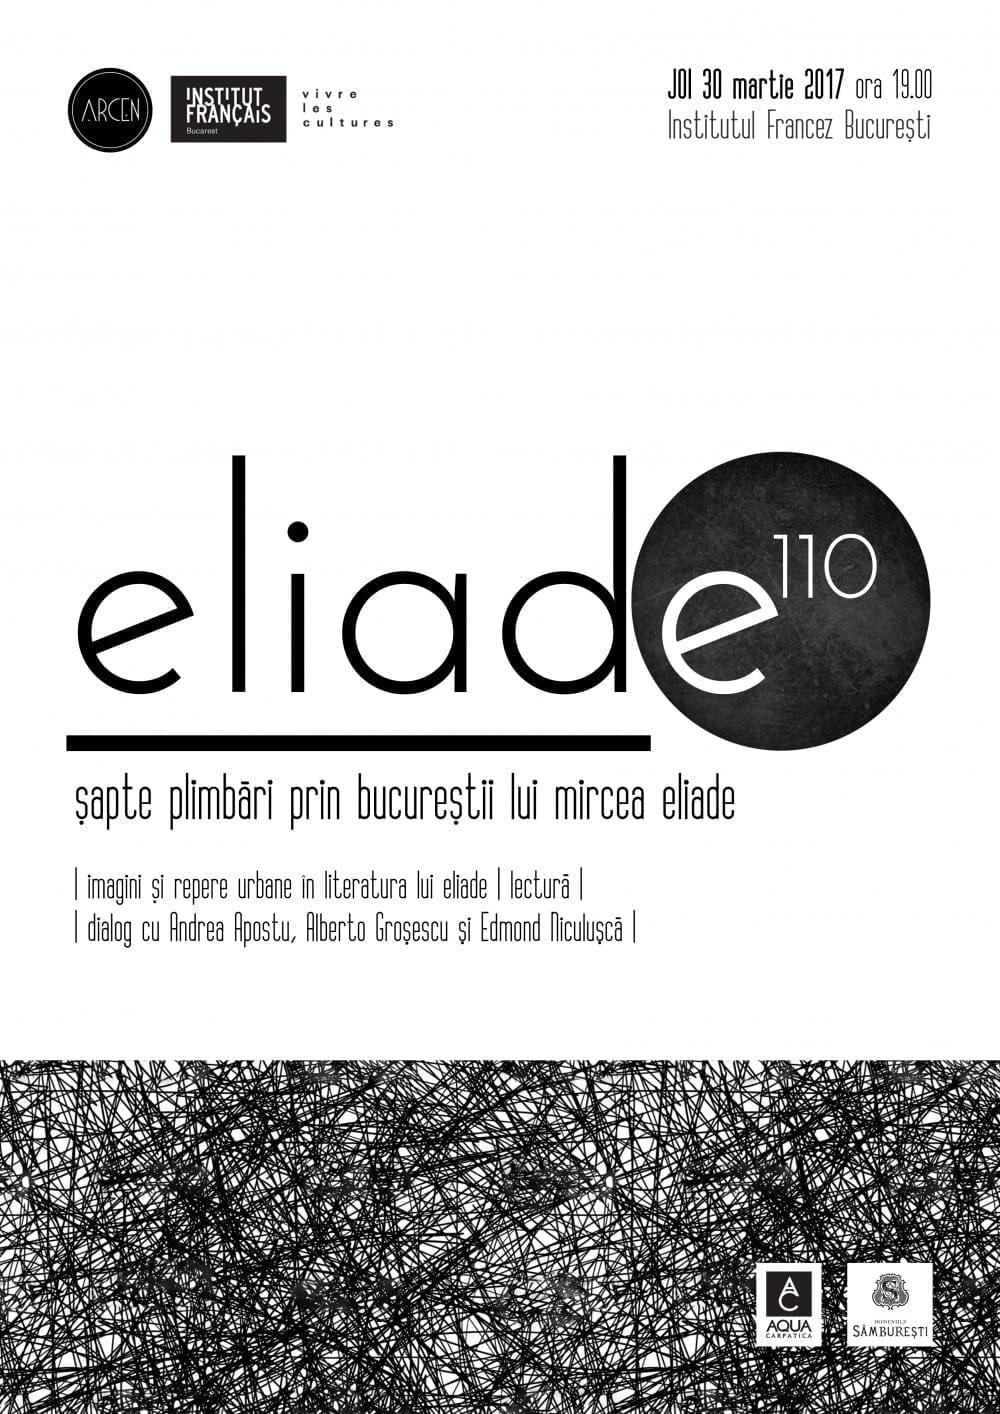 Eliade 110 @ Institutul Francez